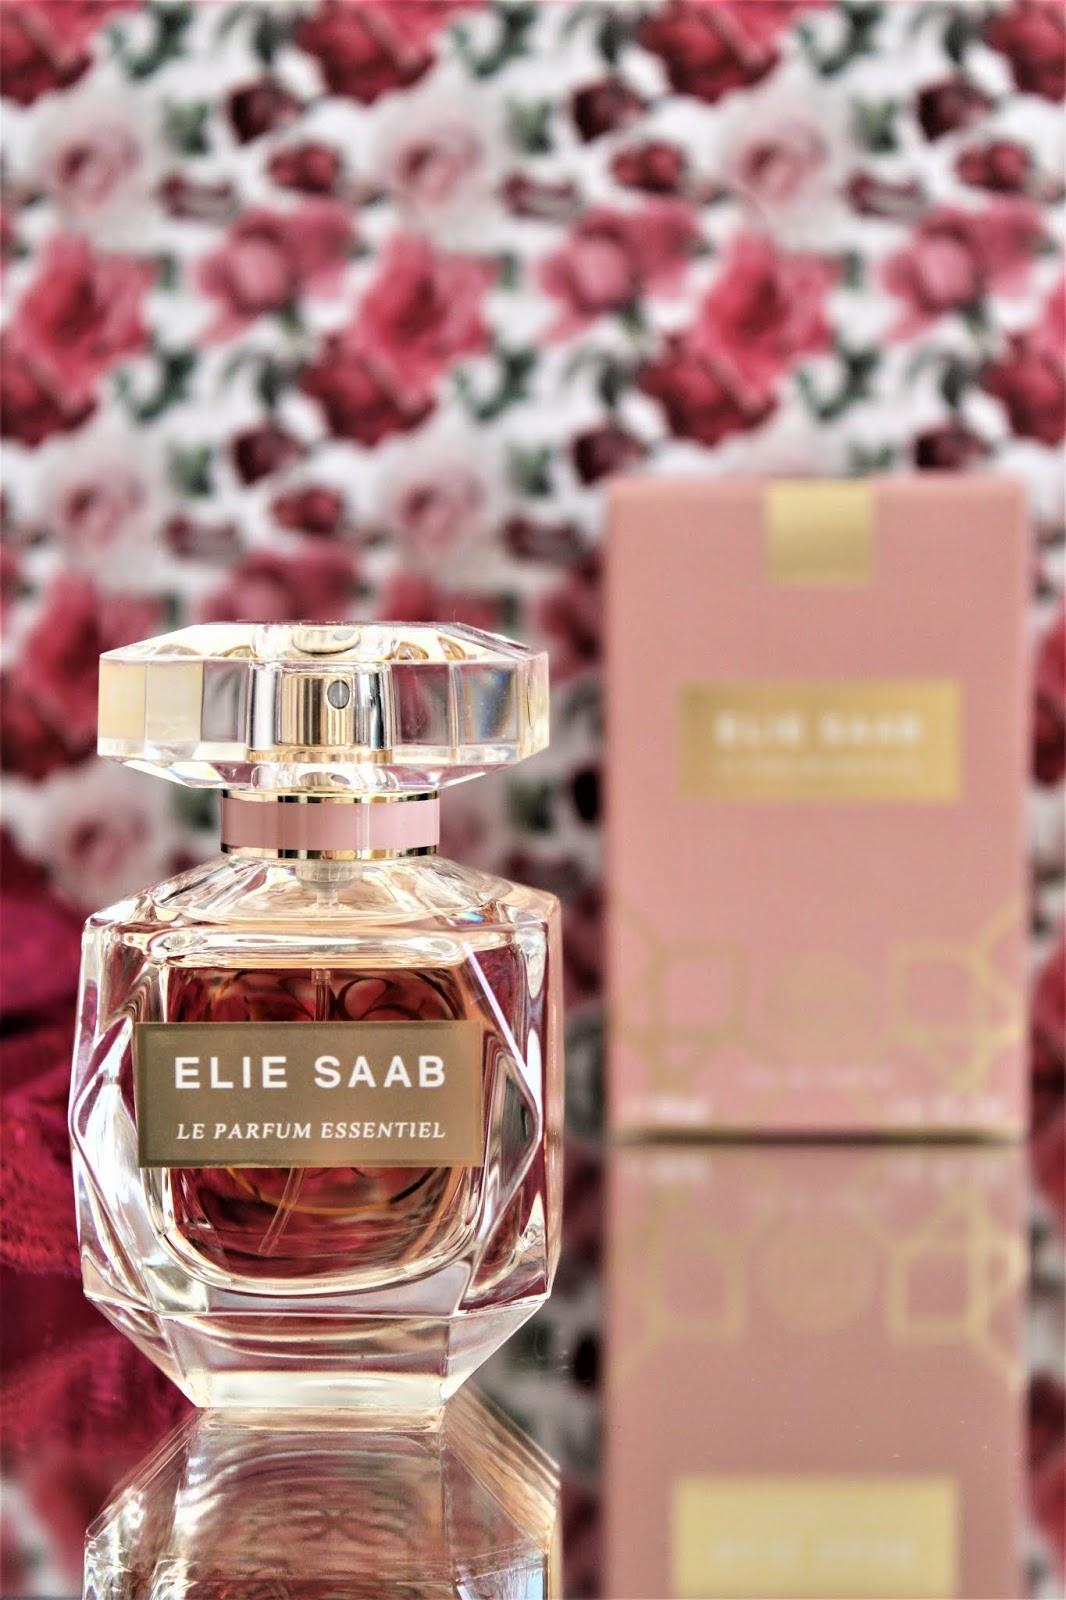 Elie Saab Le Parfum Essentiel Avis